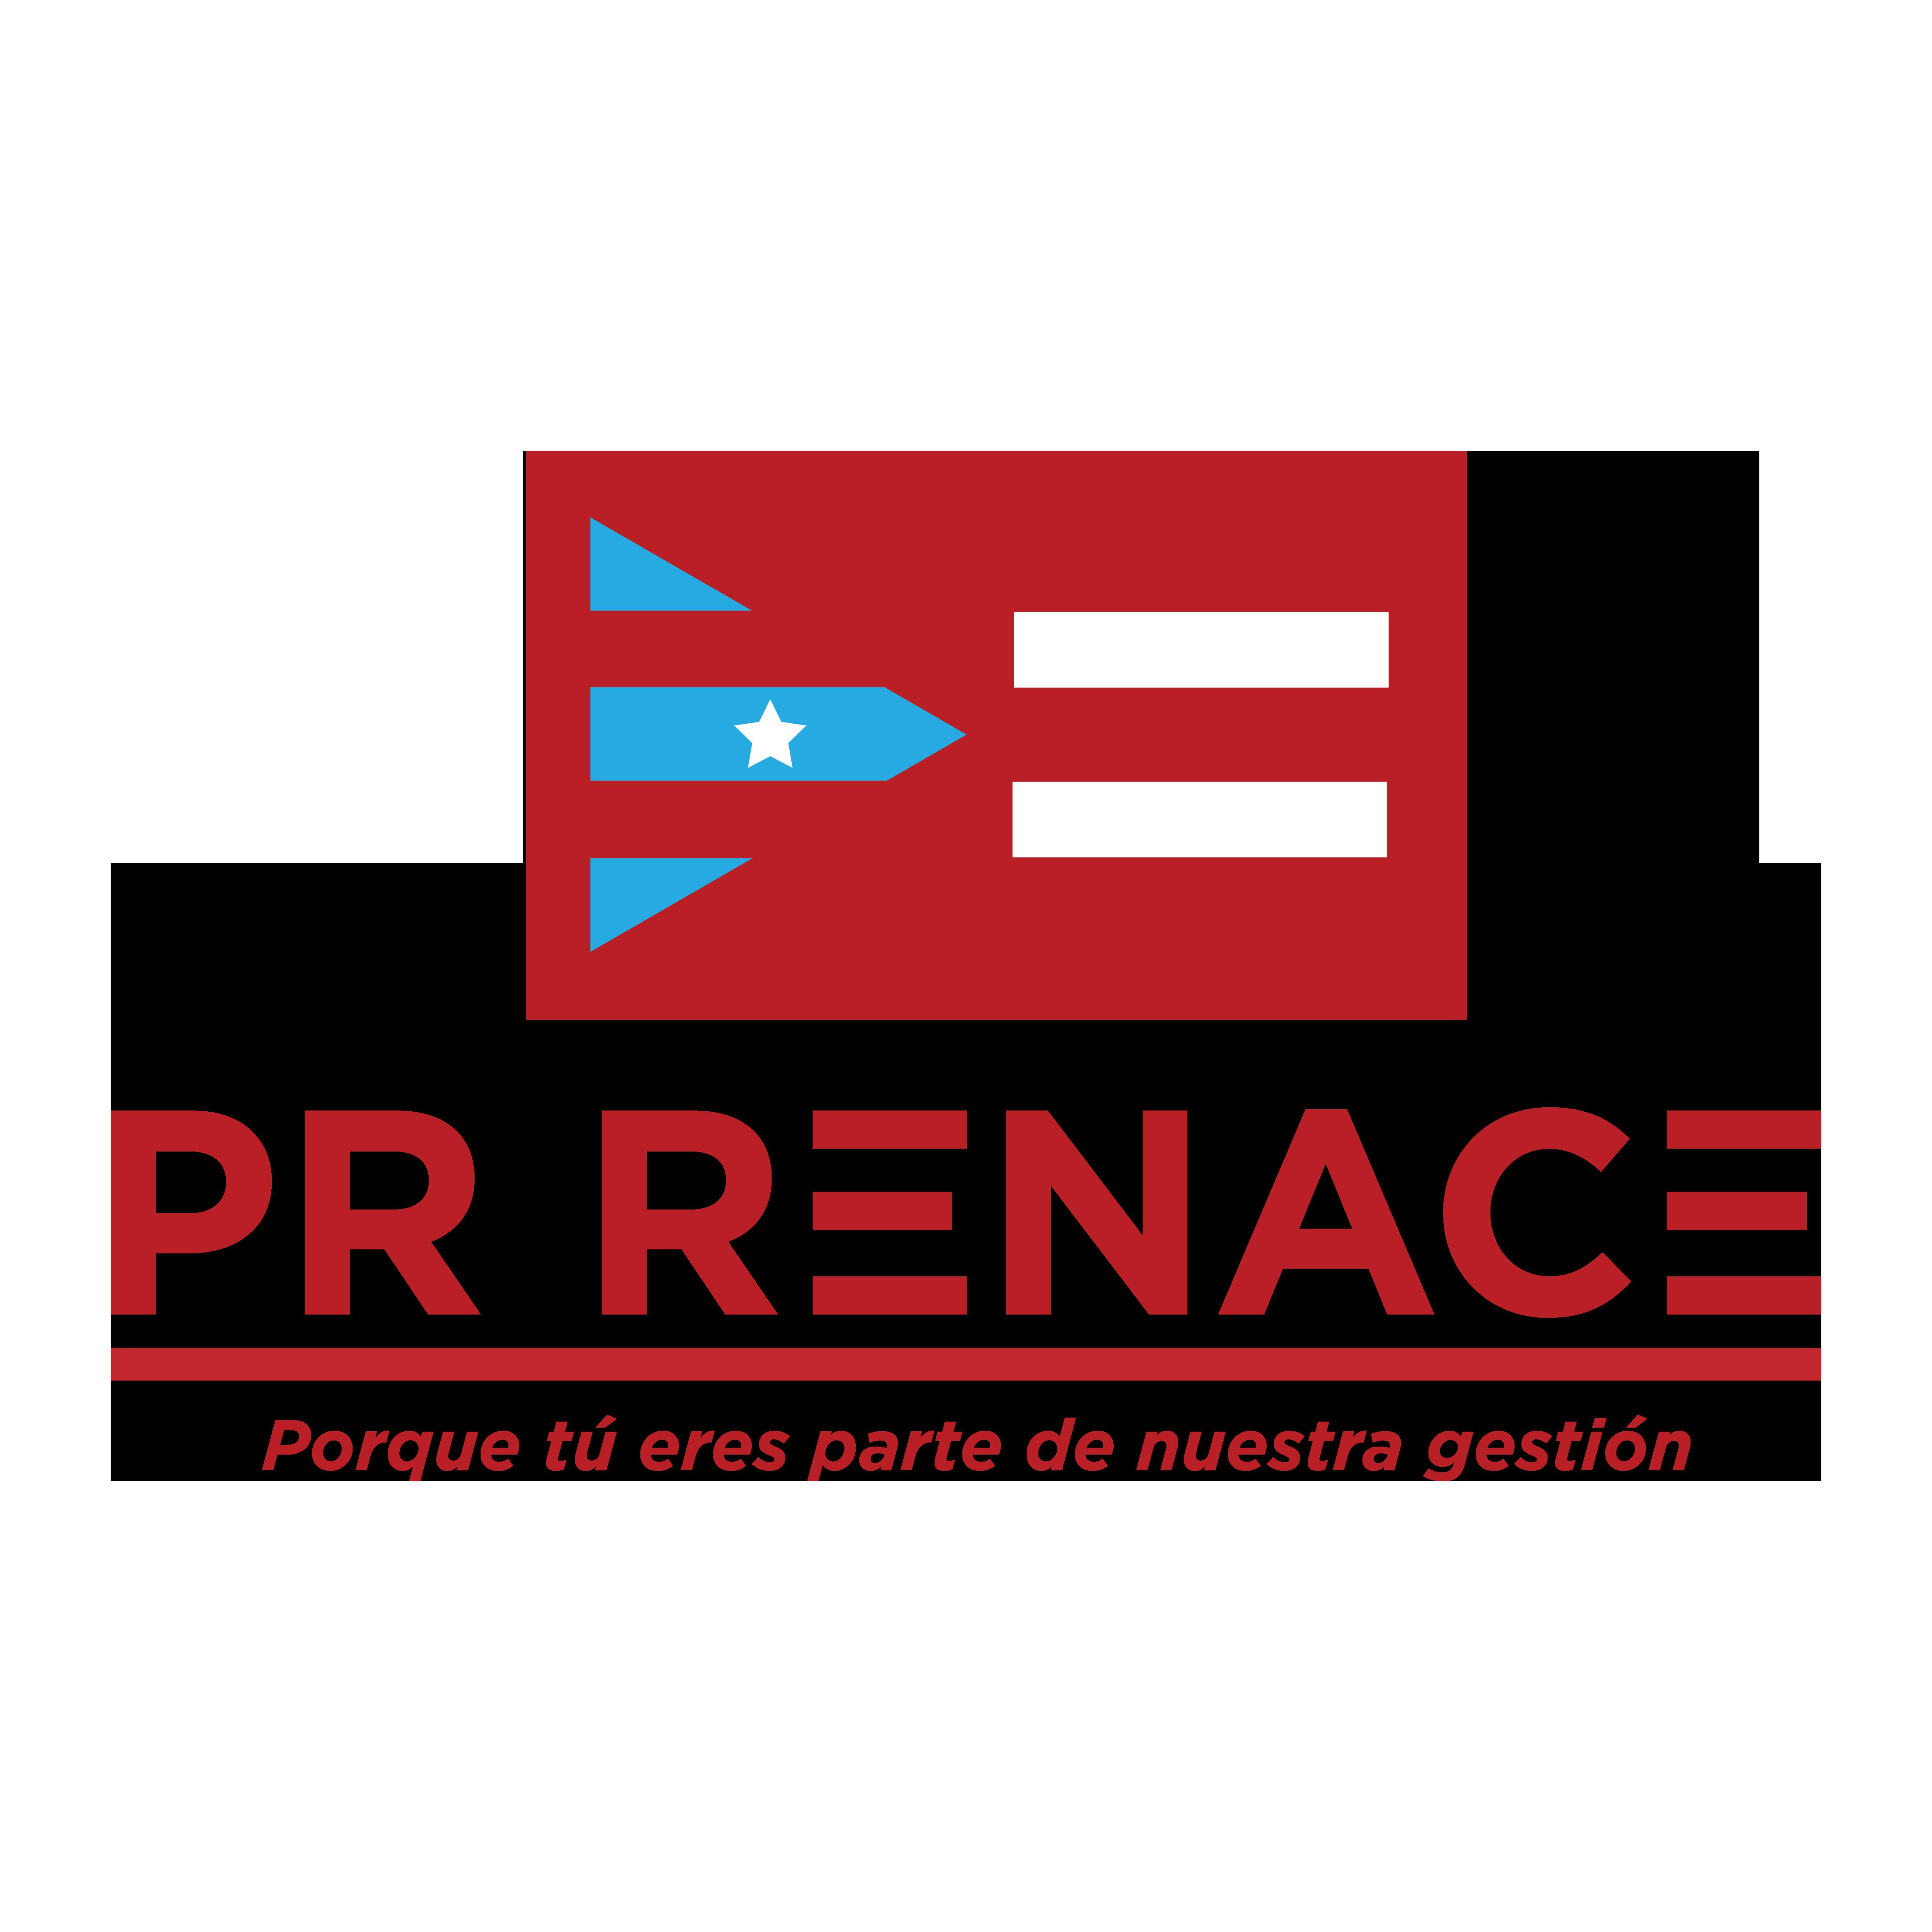 Logo PR Renace